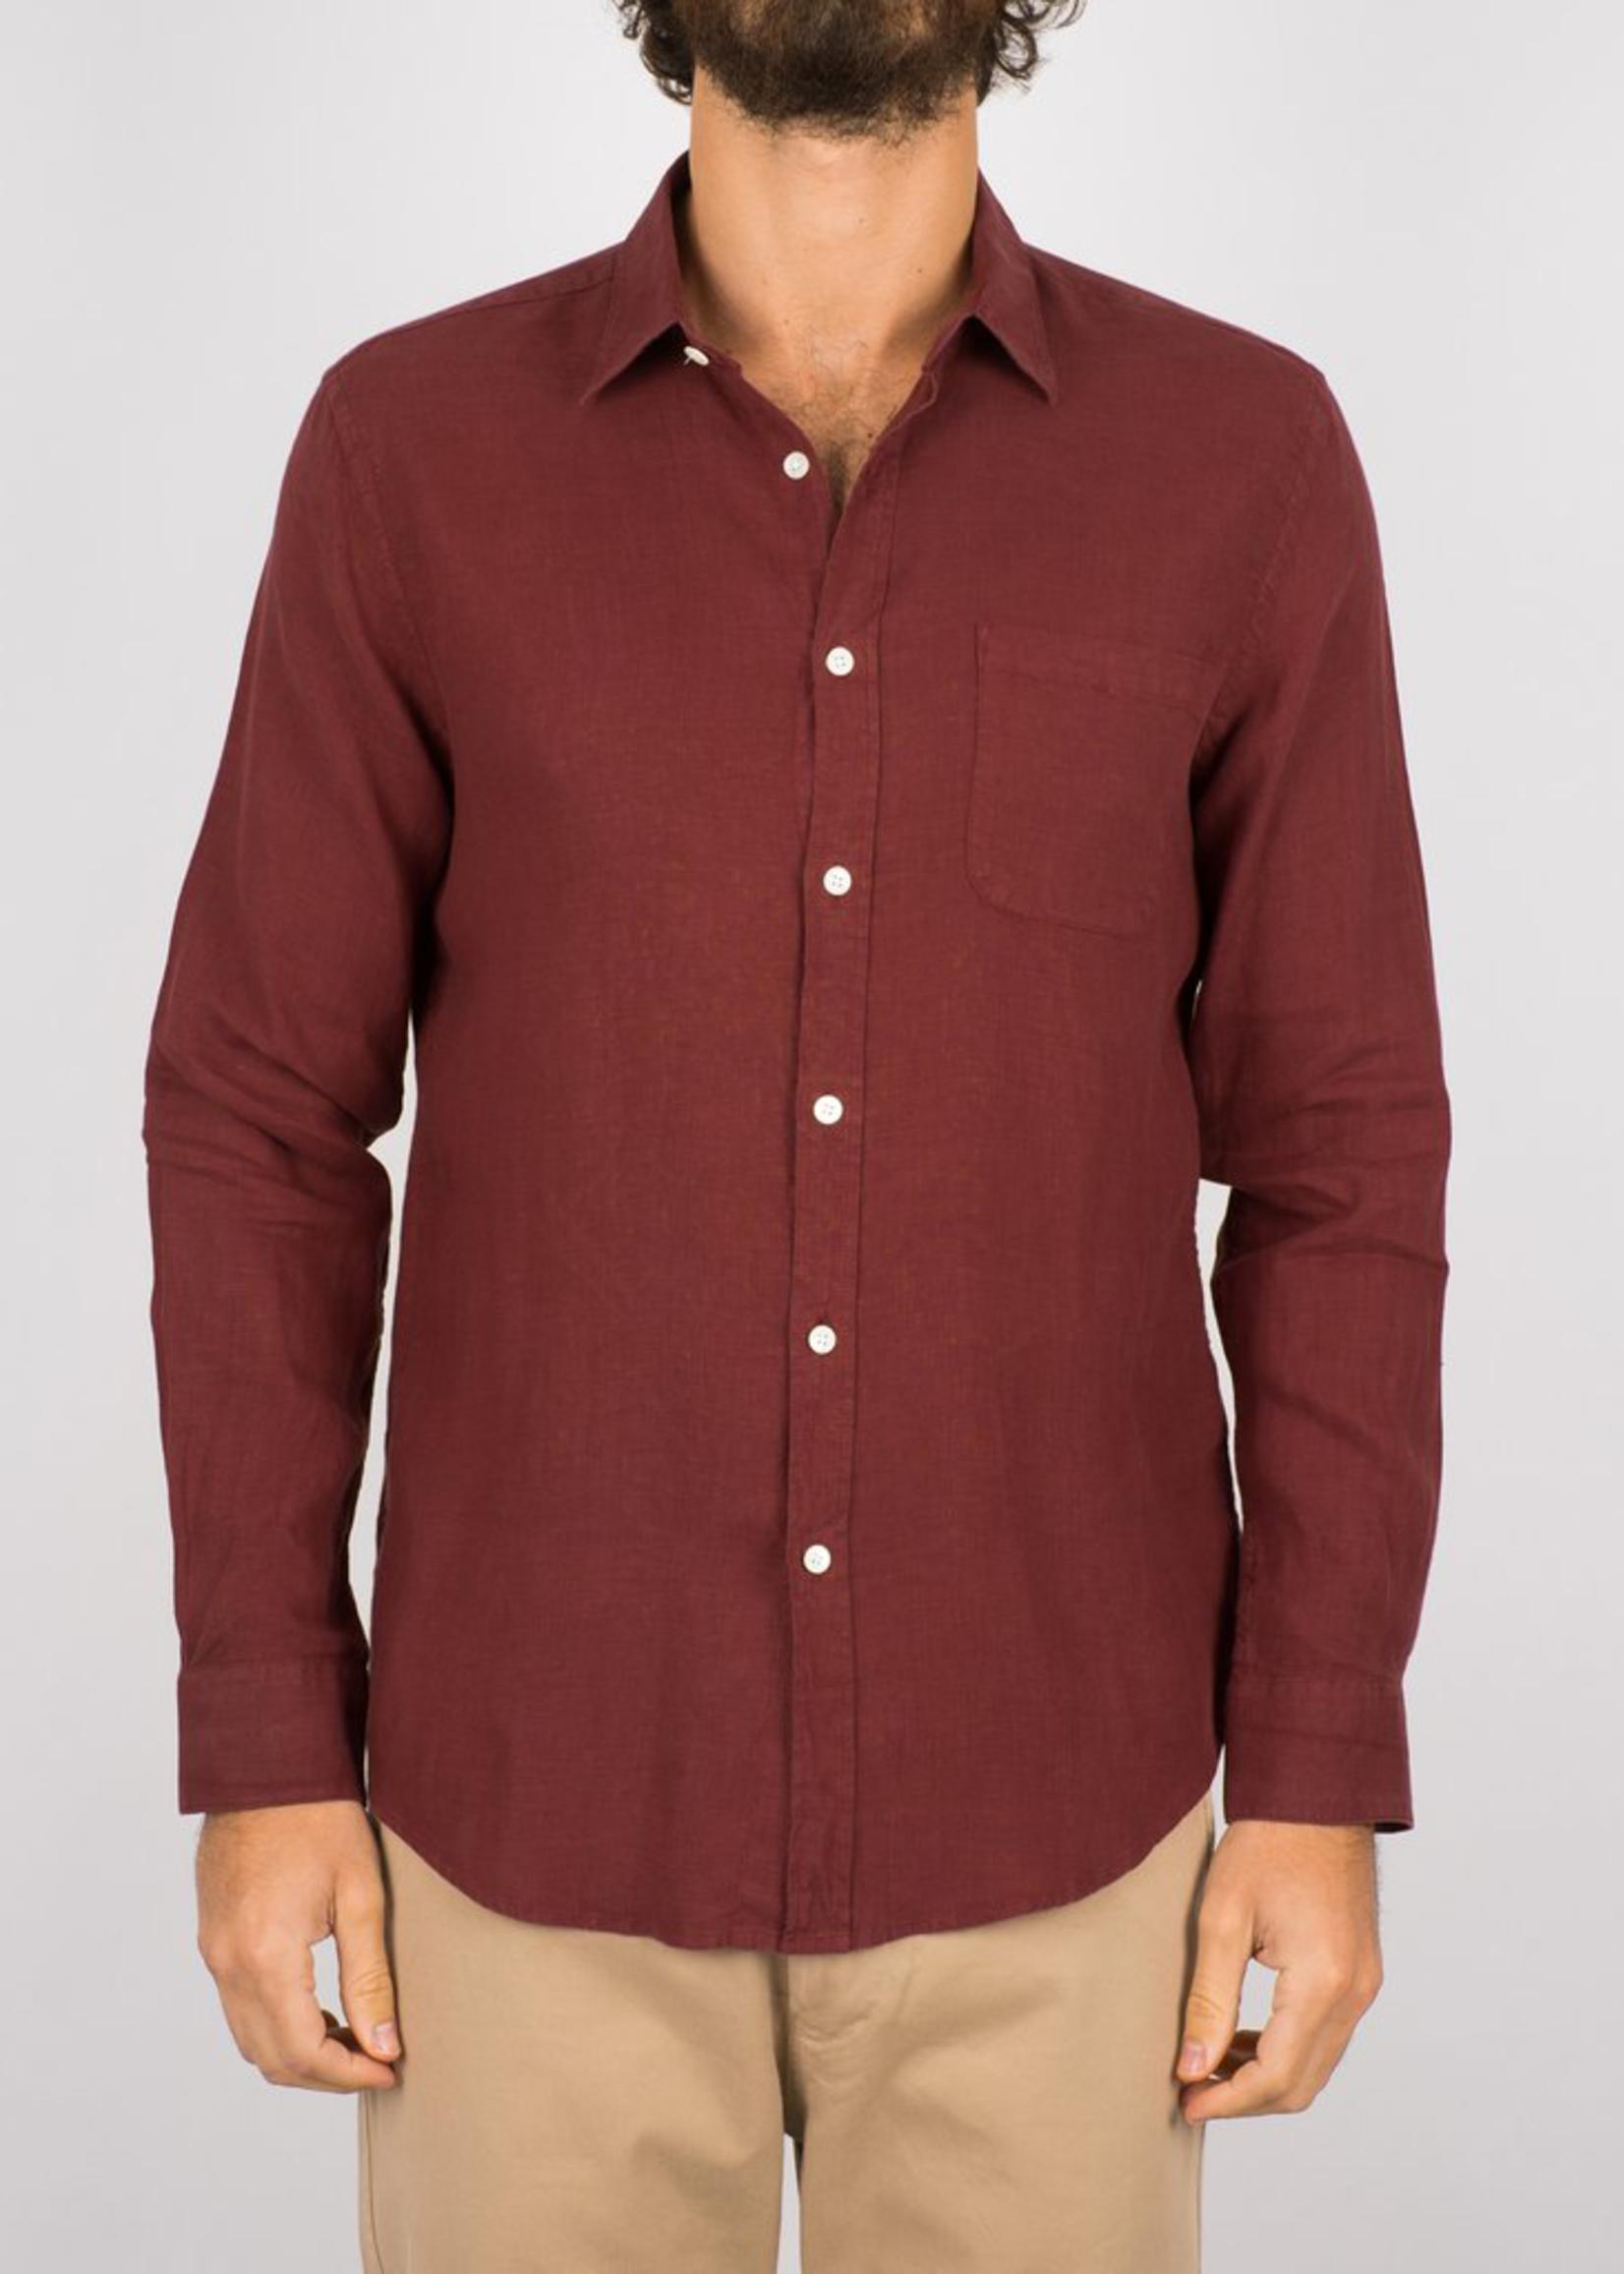 Portuguese Flannel Linen L/S Shirt Bordeaux by Portuguese Flannel